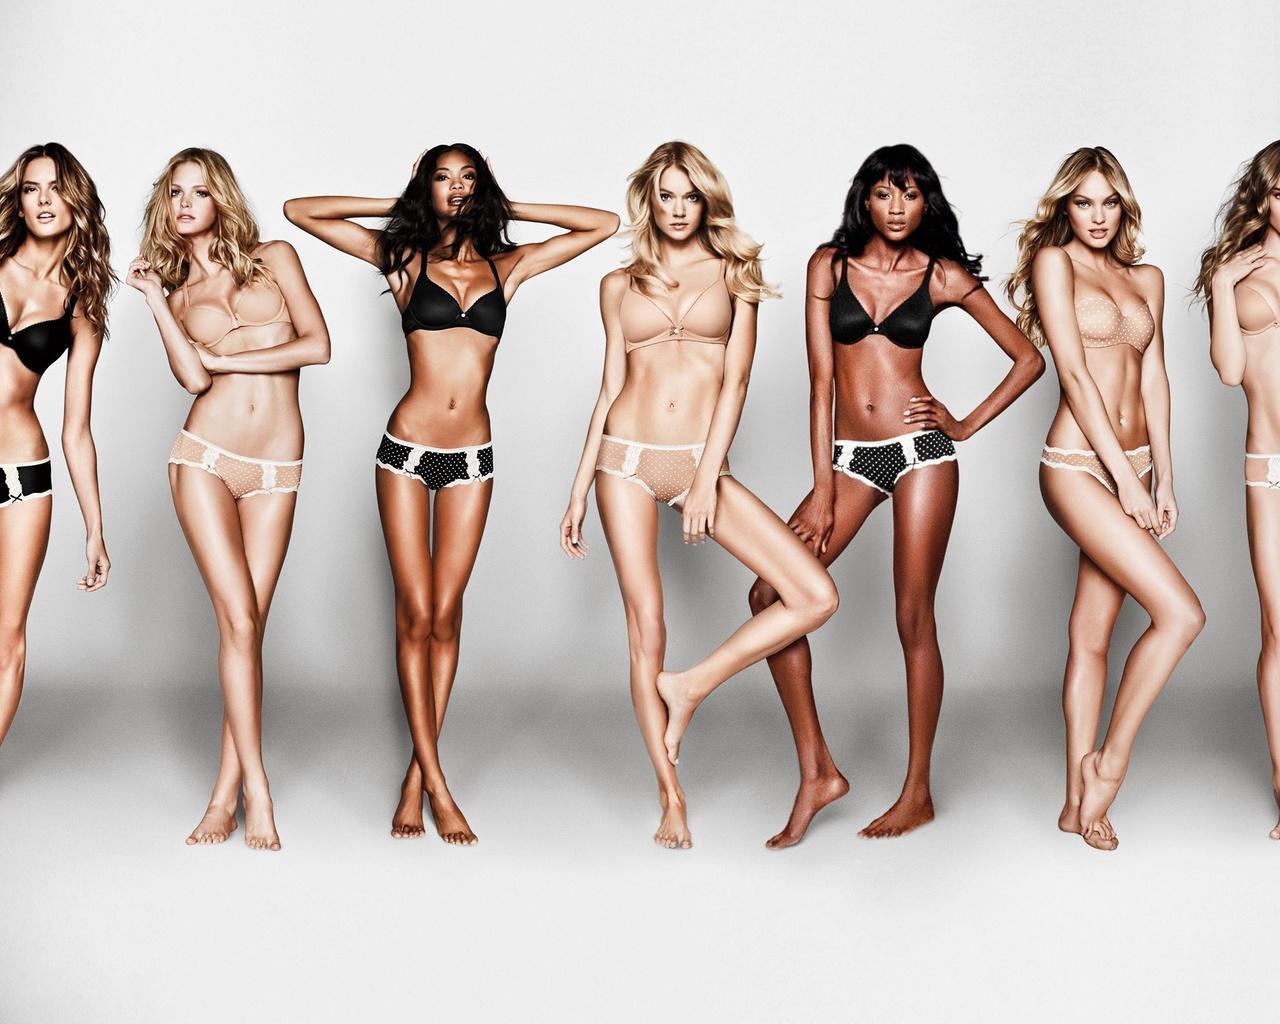 Фото костлявых девочек, Бикини-мостики худеньких девушек (23 фото) 16 фотография